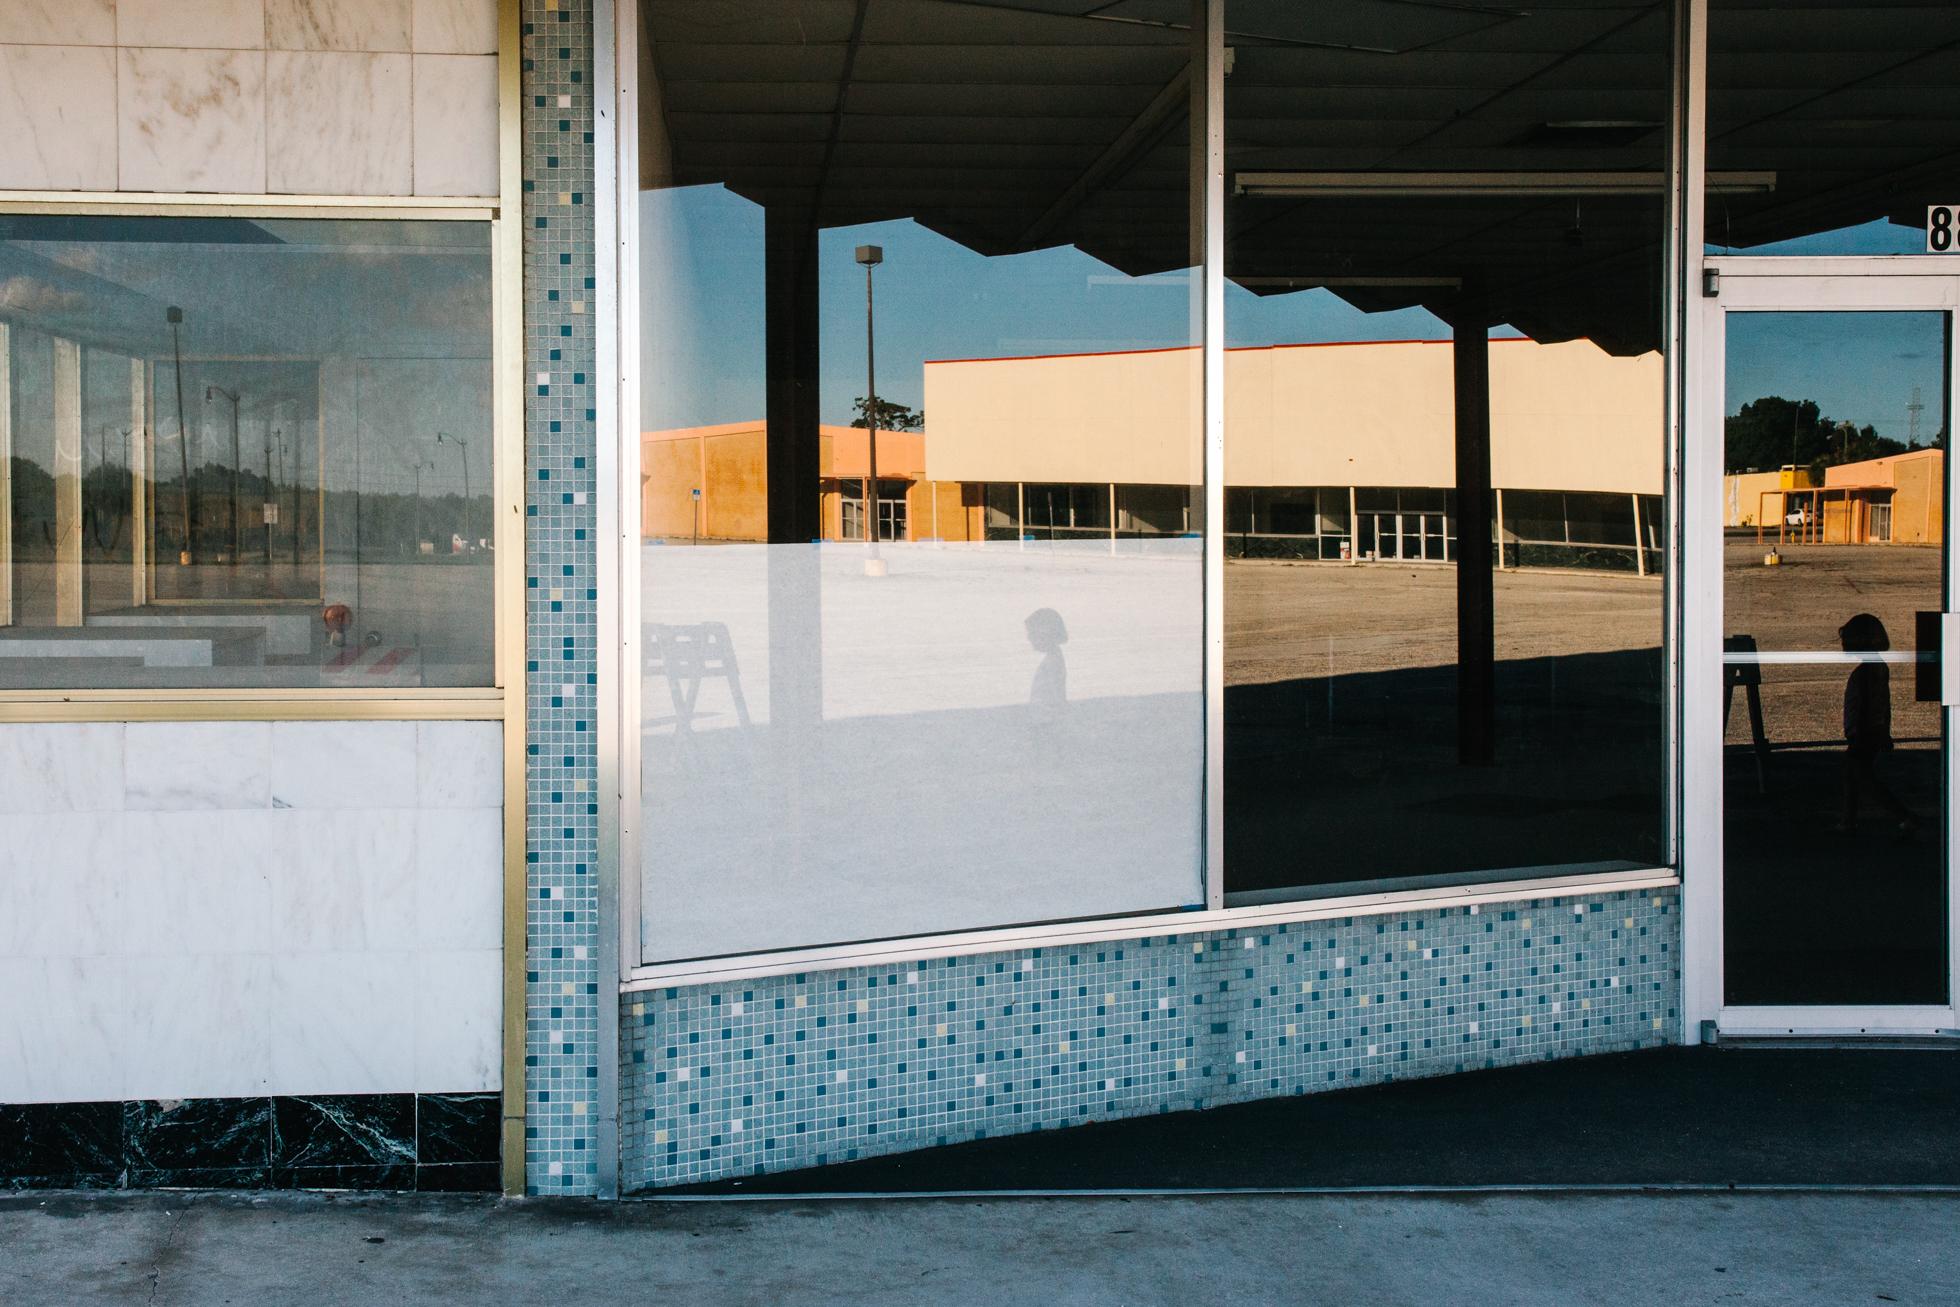 Abandoned Shopping Center, US-1, 2016